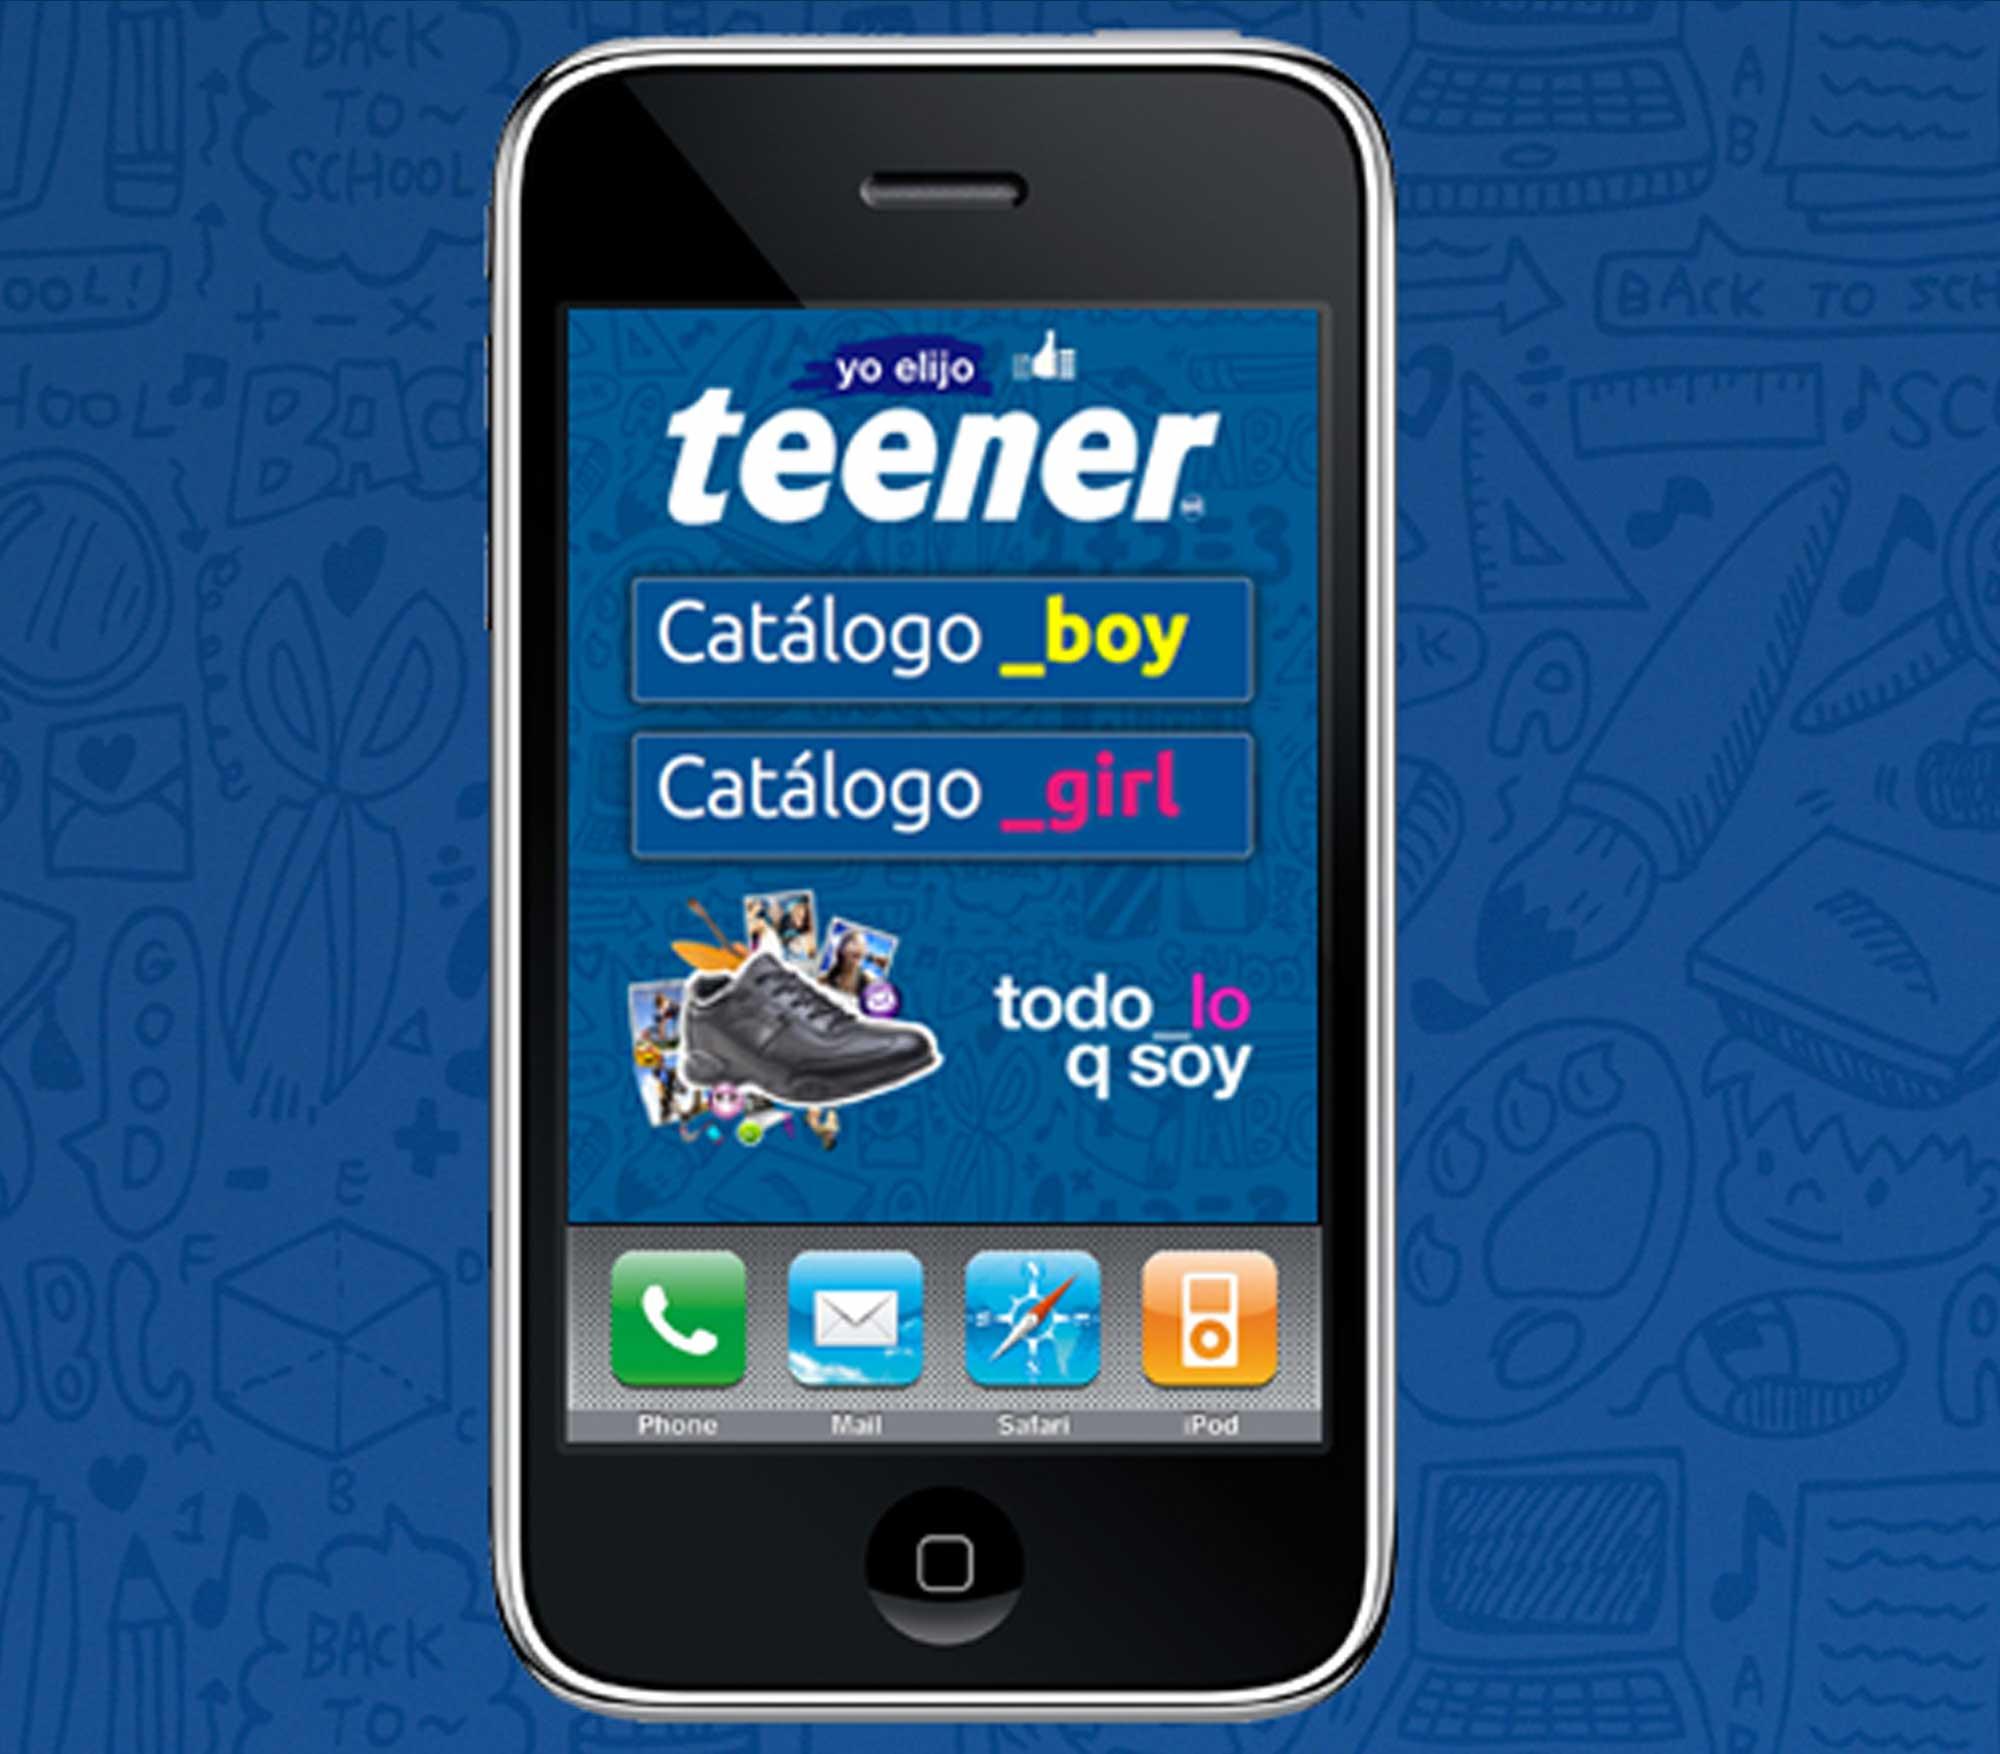 teener